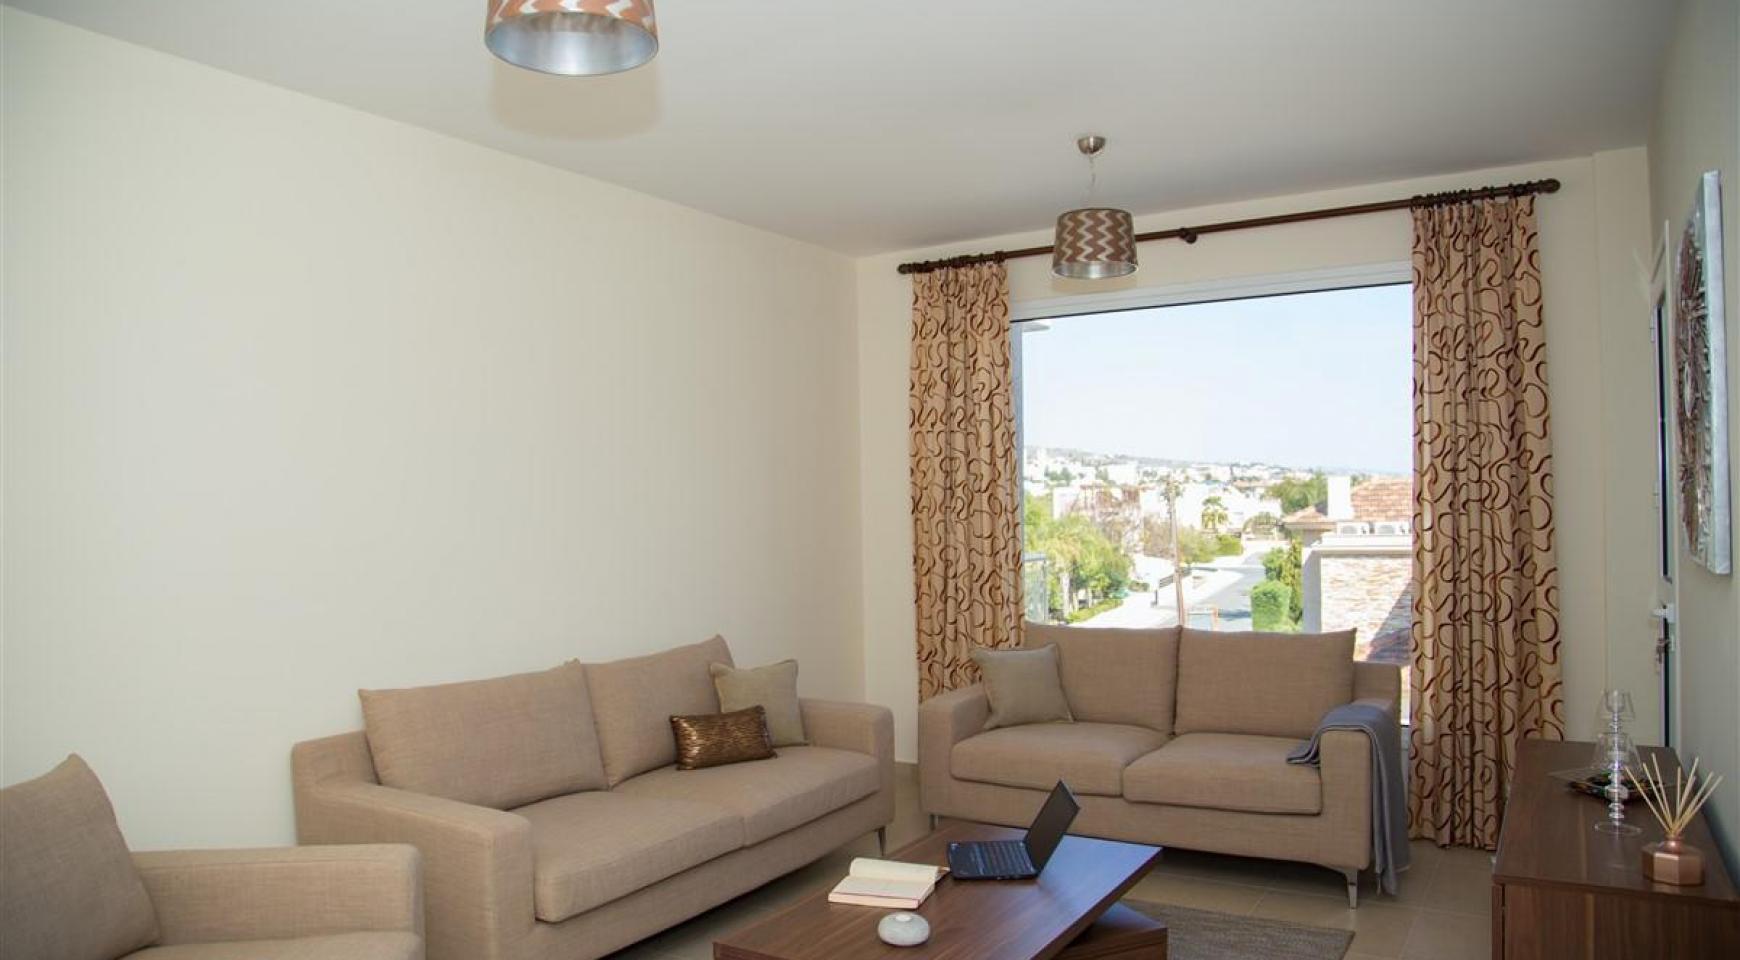 Μοντέρνο διαμέρισμα 2 υπνοδωματίων στην περιοχή Ποταμός Γερμασόγειας - 2